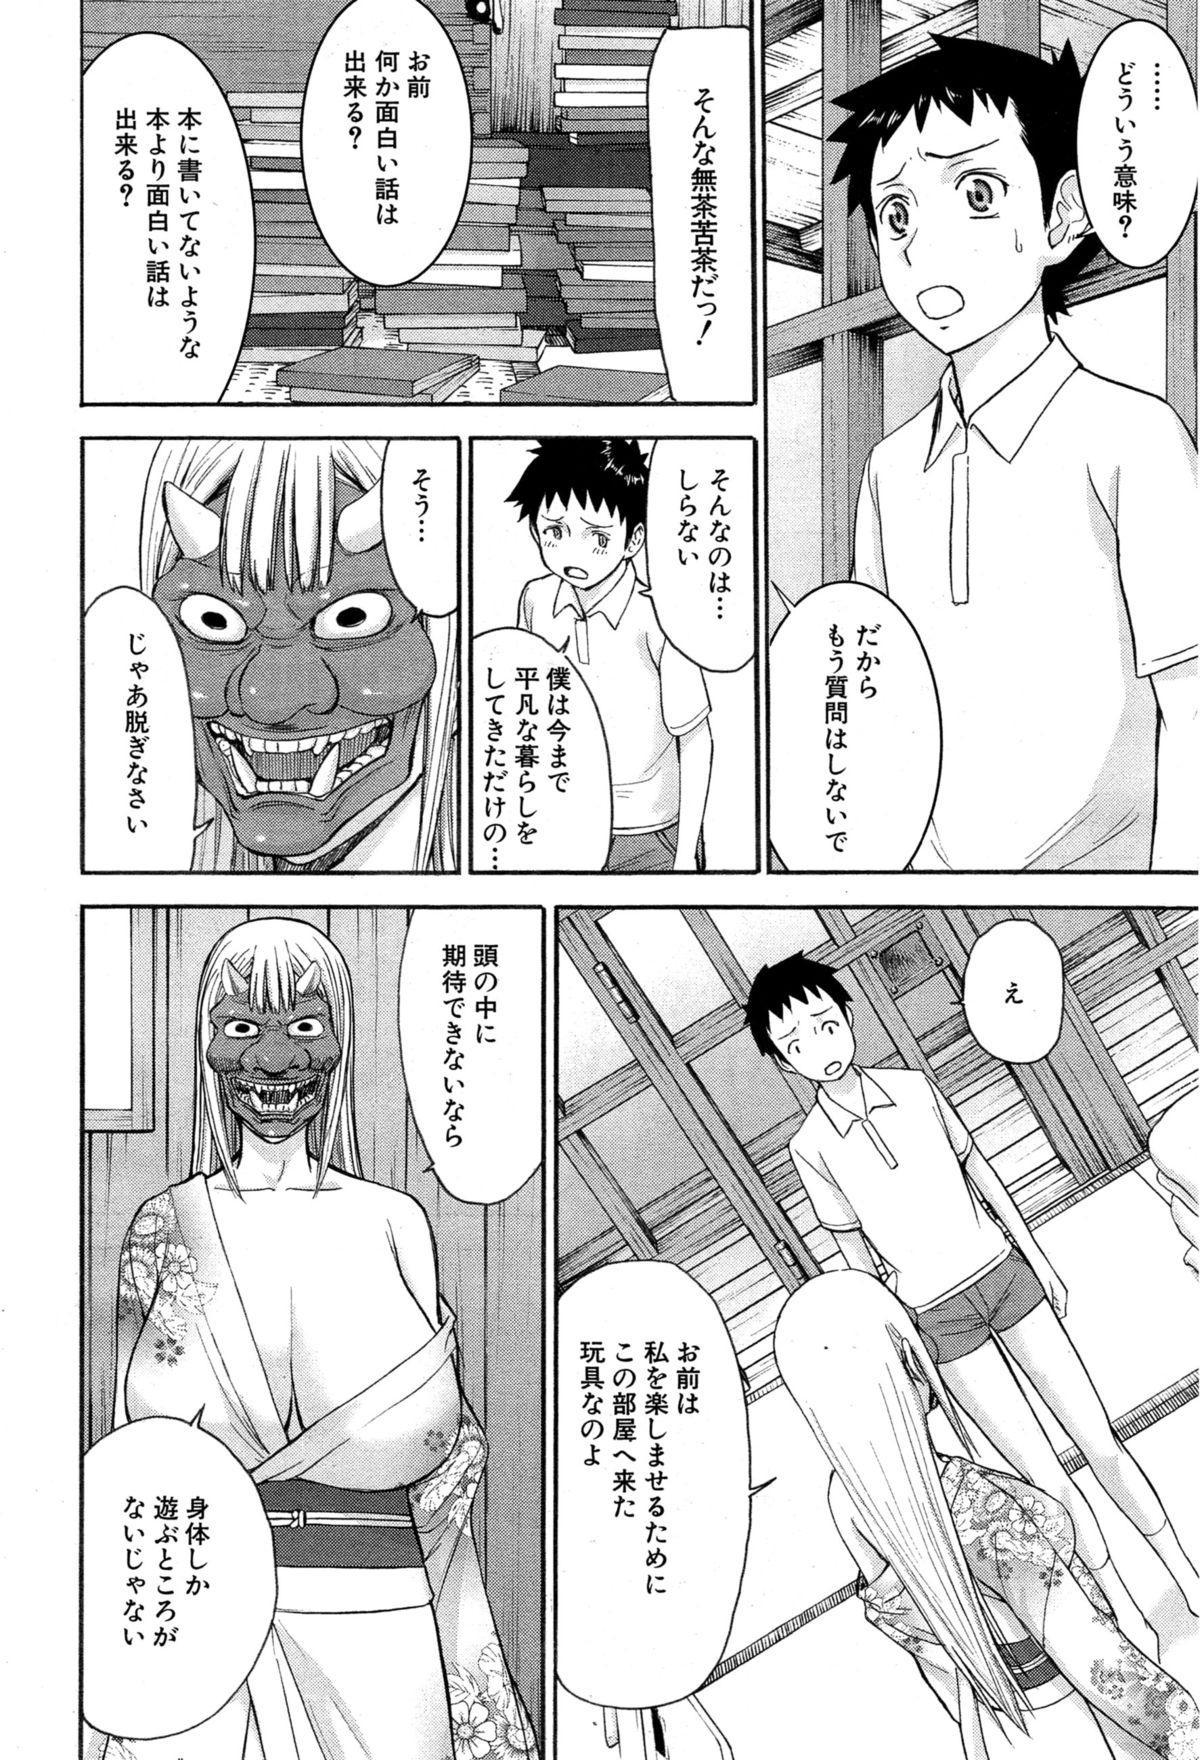 Zashikihime no Omocha Ch. 1-6 39